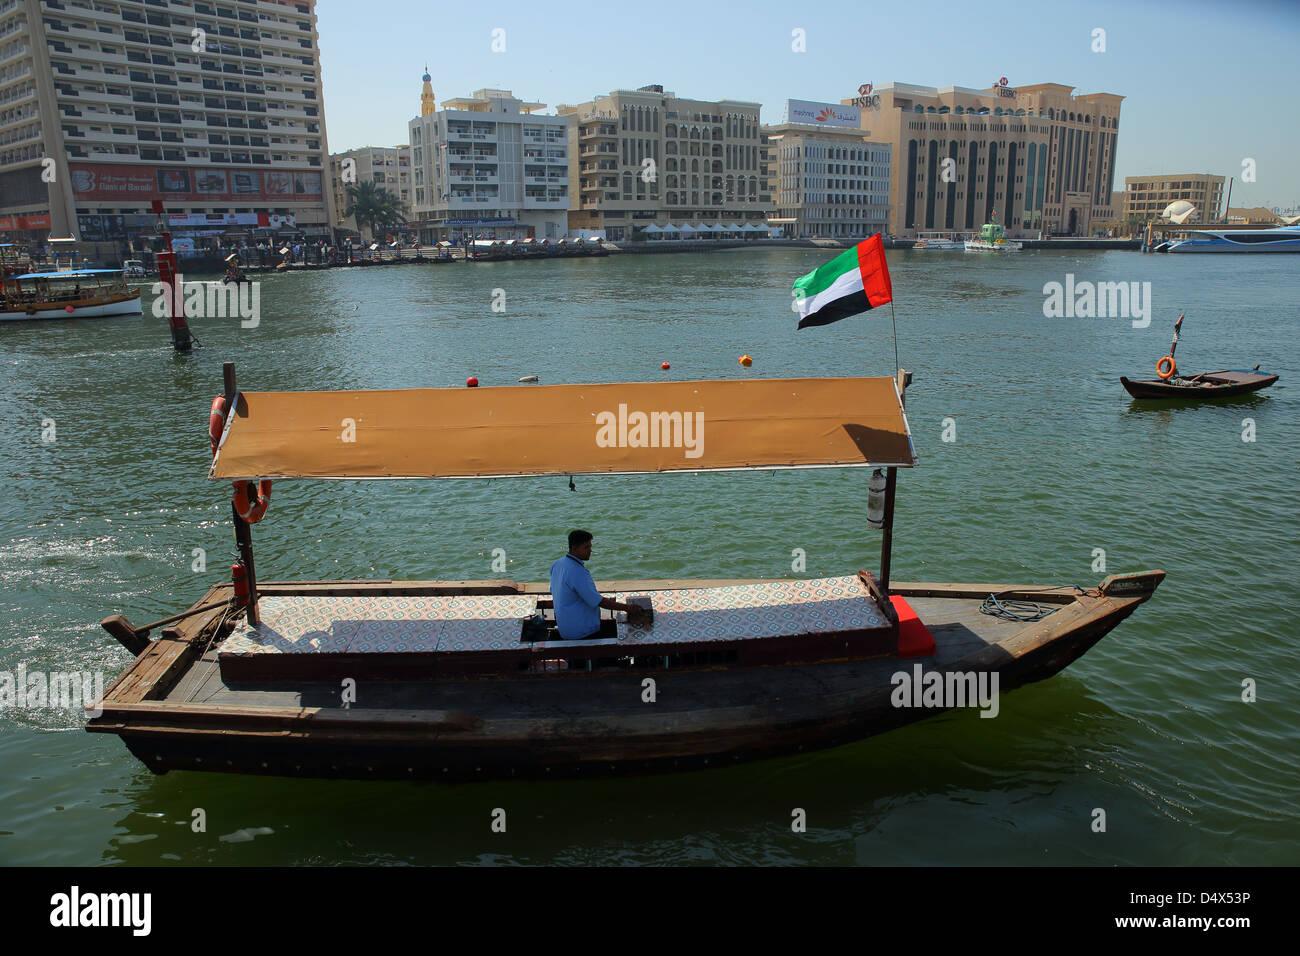 Abra tradicional taxi acuático cruzando la cala de Dubai, Emiratos Árabes Unidos Imagen De Stock